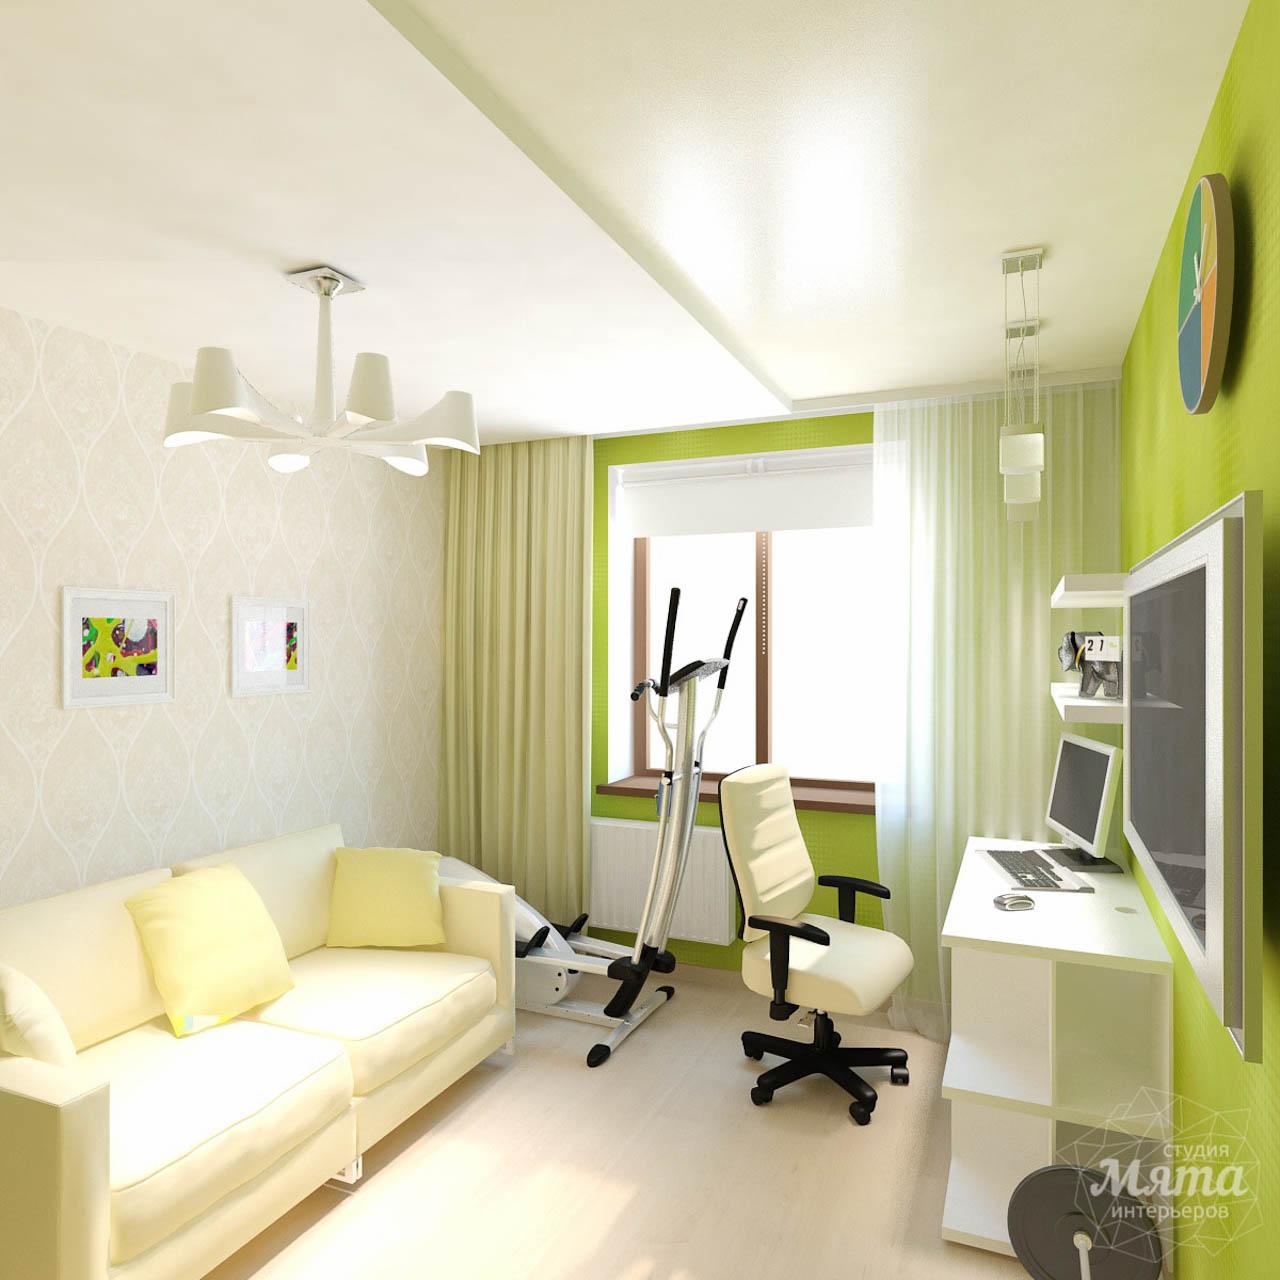 Дизайн интерьера двухкомнатной квартиры по ул. Бебеля 156 img1035738158